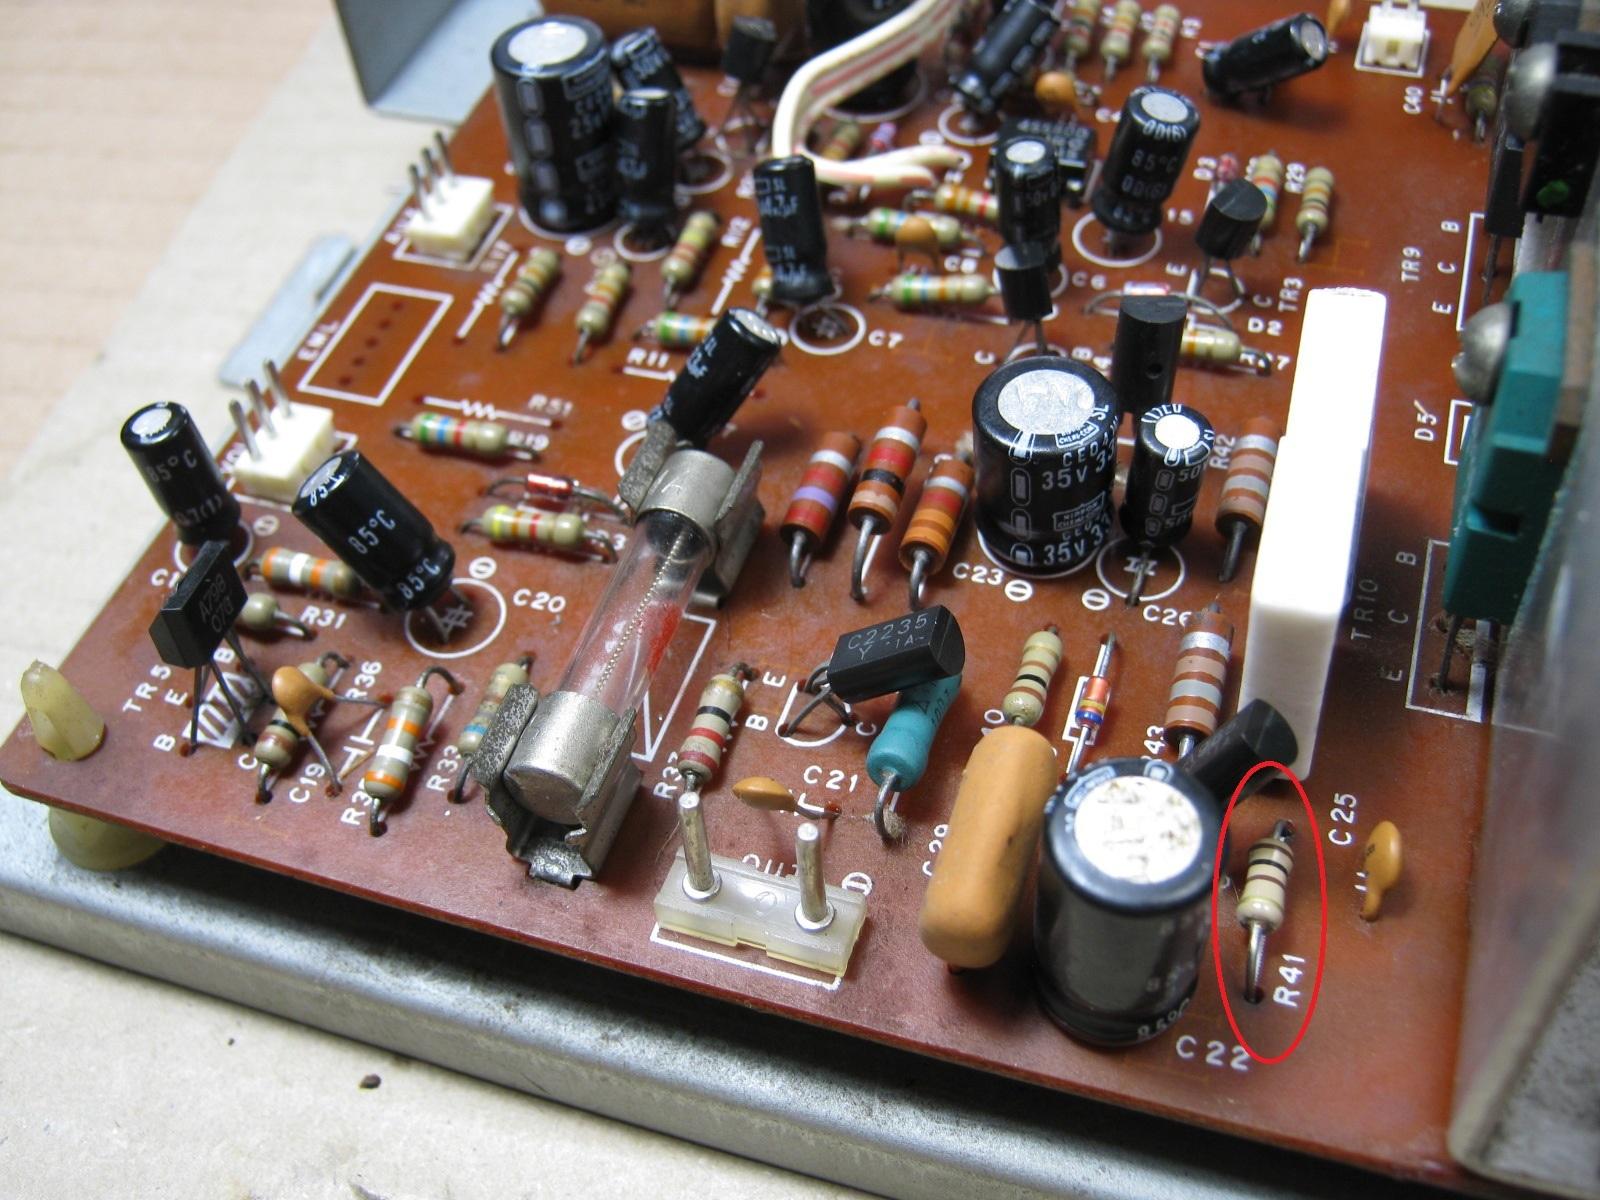 COLUMBIA電気ピアノ(抵抗不良)基板抵抗1印付き